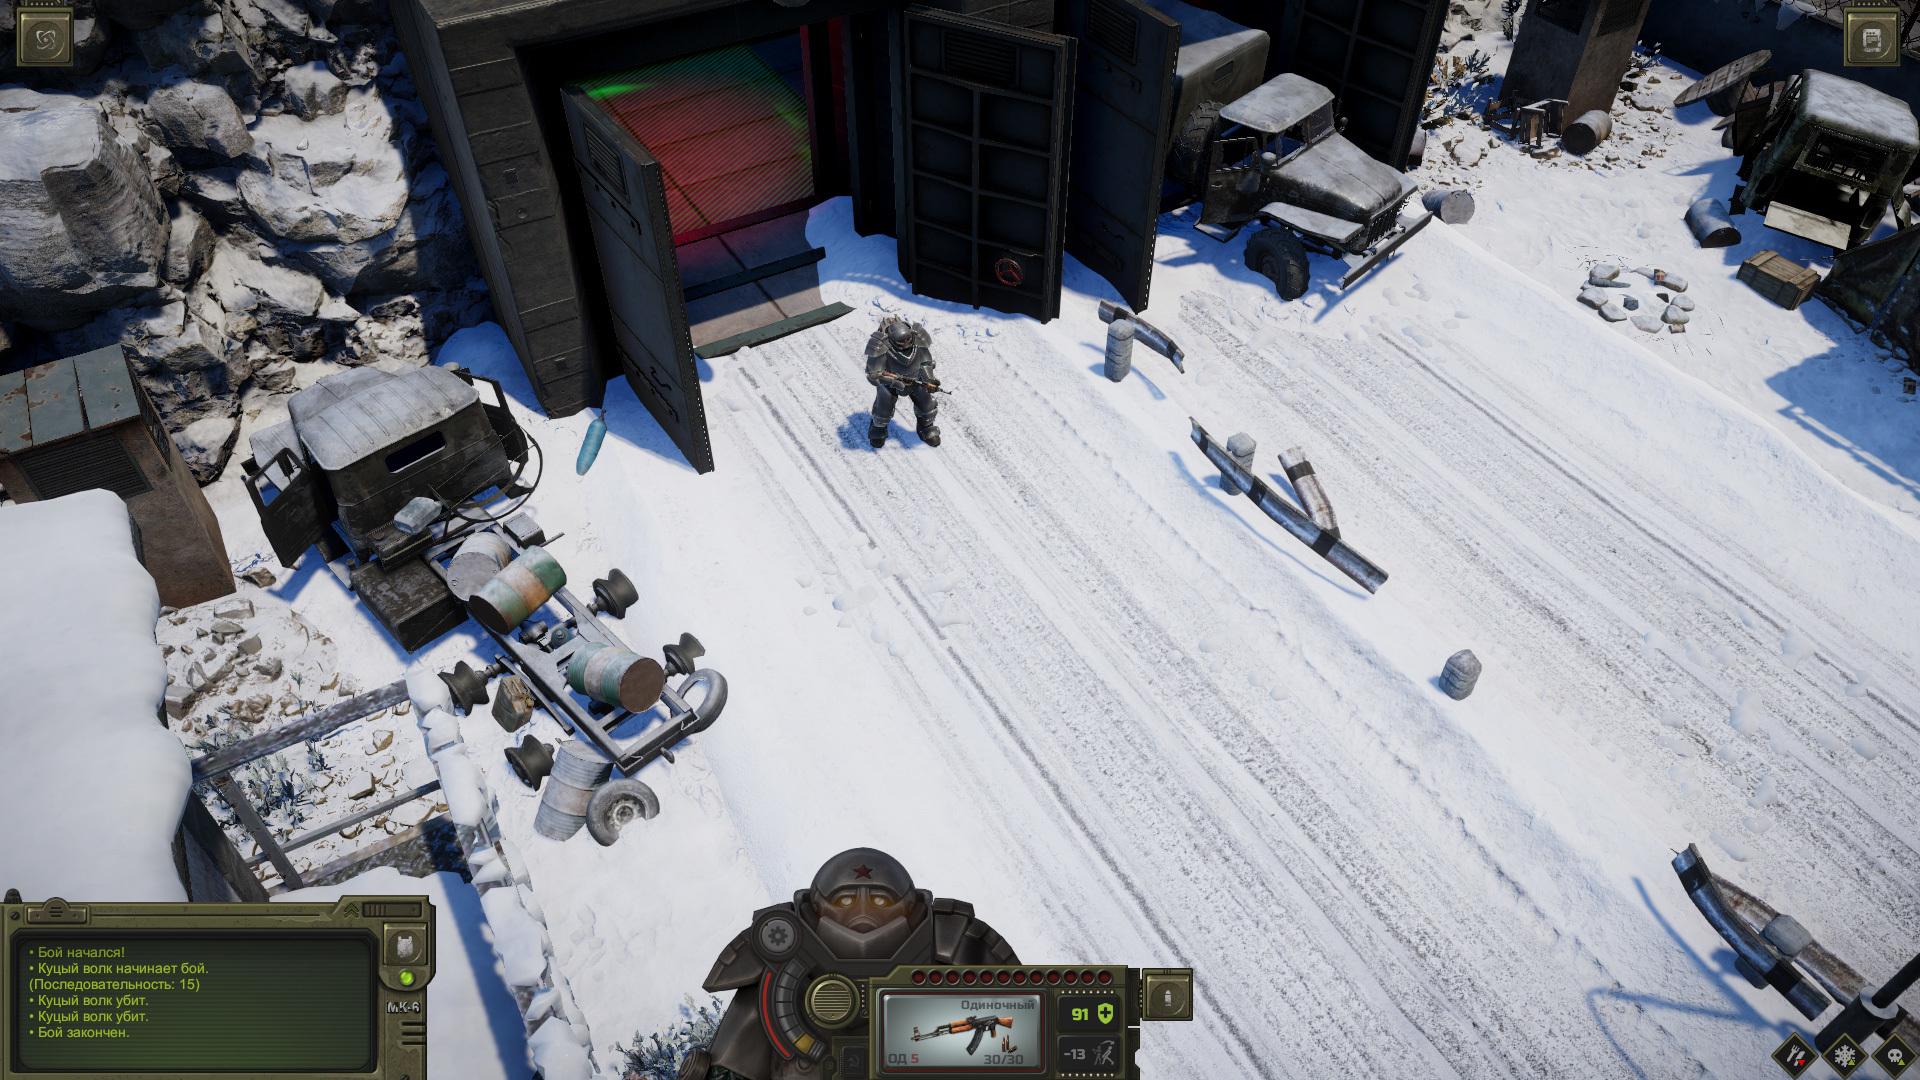 5b974852b15087cc9a111dd81083a9cf0a1adf41 | RPG Jeuxvidéo